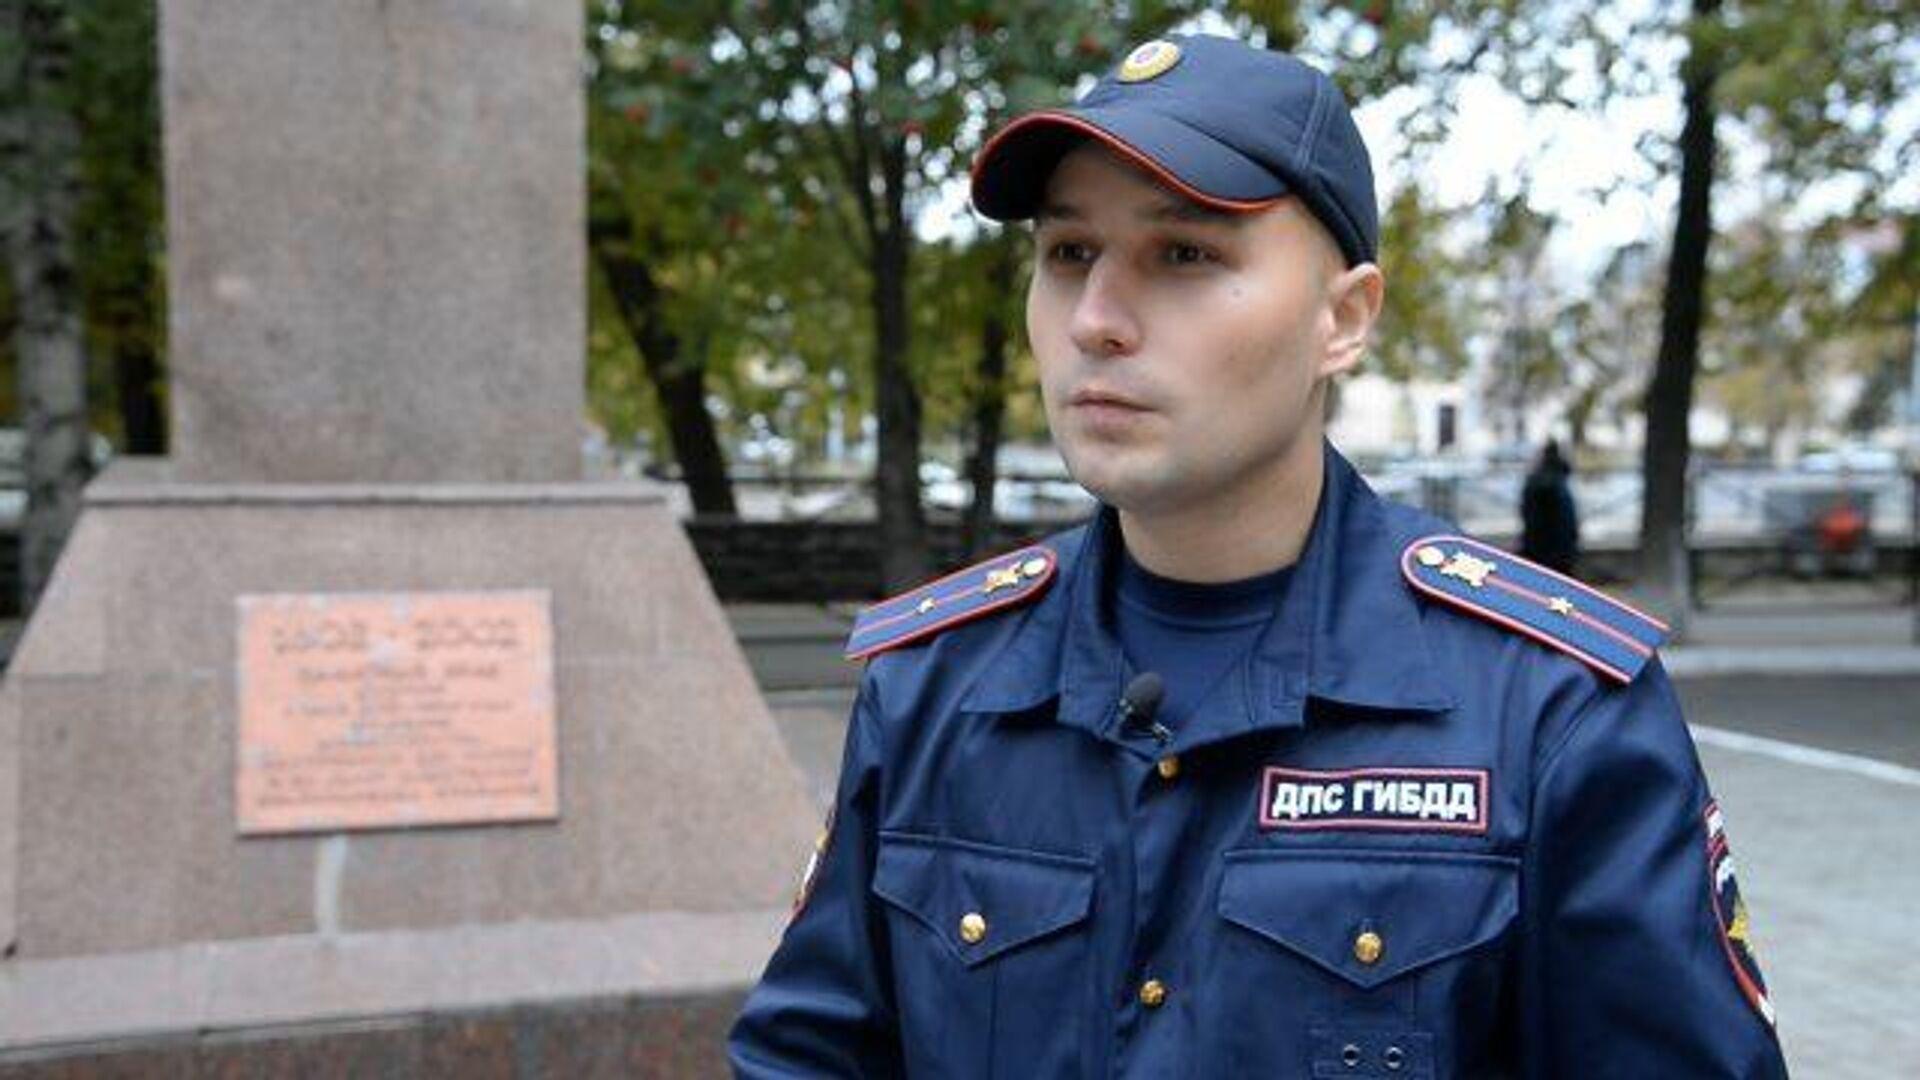 Направил оружие на меня и произвел выстрел – младший лейтенант полиции, обезвредивший стрелявшего - РИА Новости, 1920, 20.09.2021